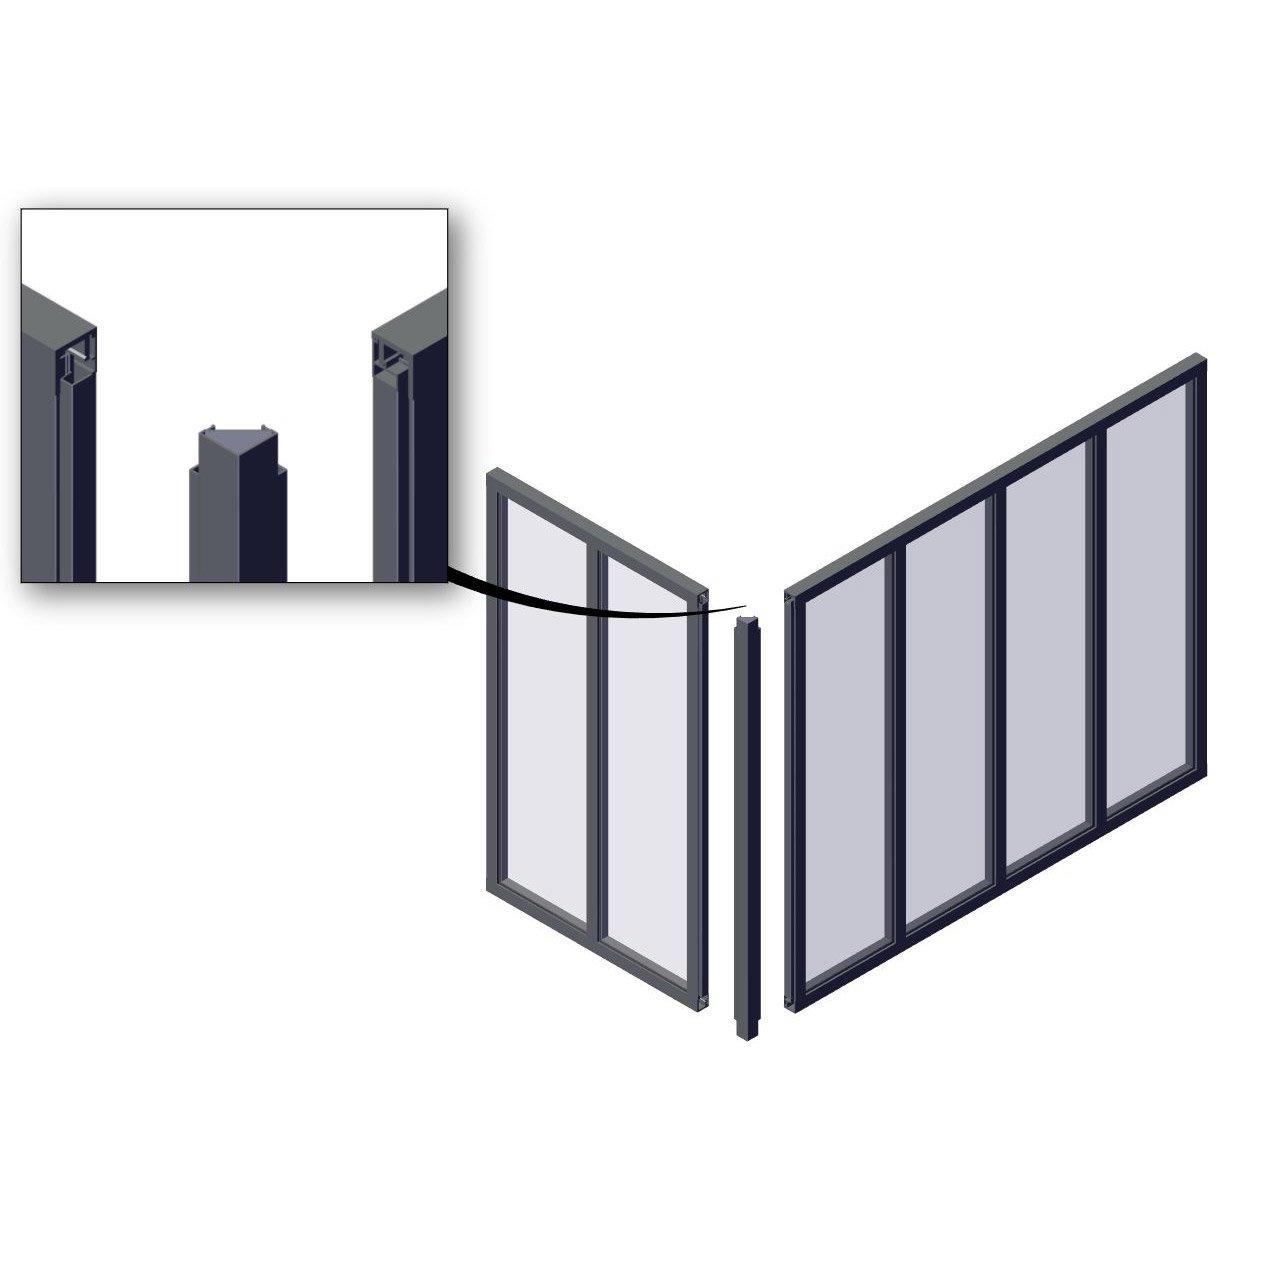 Poteau d 39 angle pour verri re en kit aluminium noir leroy merlin - Verriere en kit leroy merlin ...